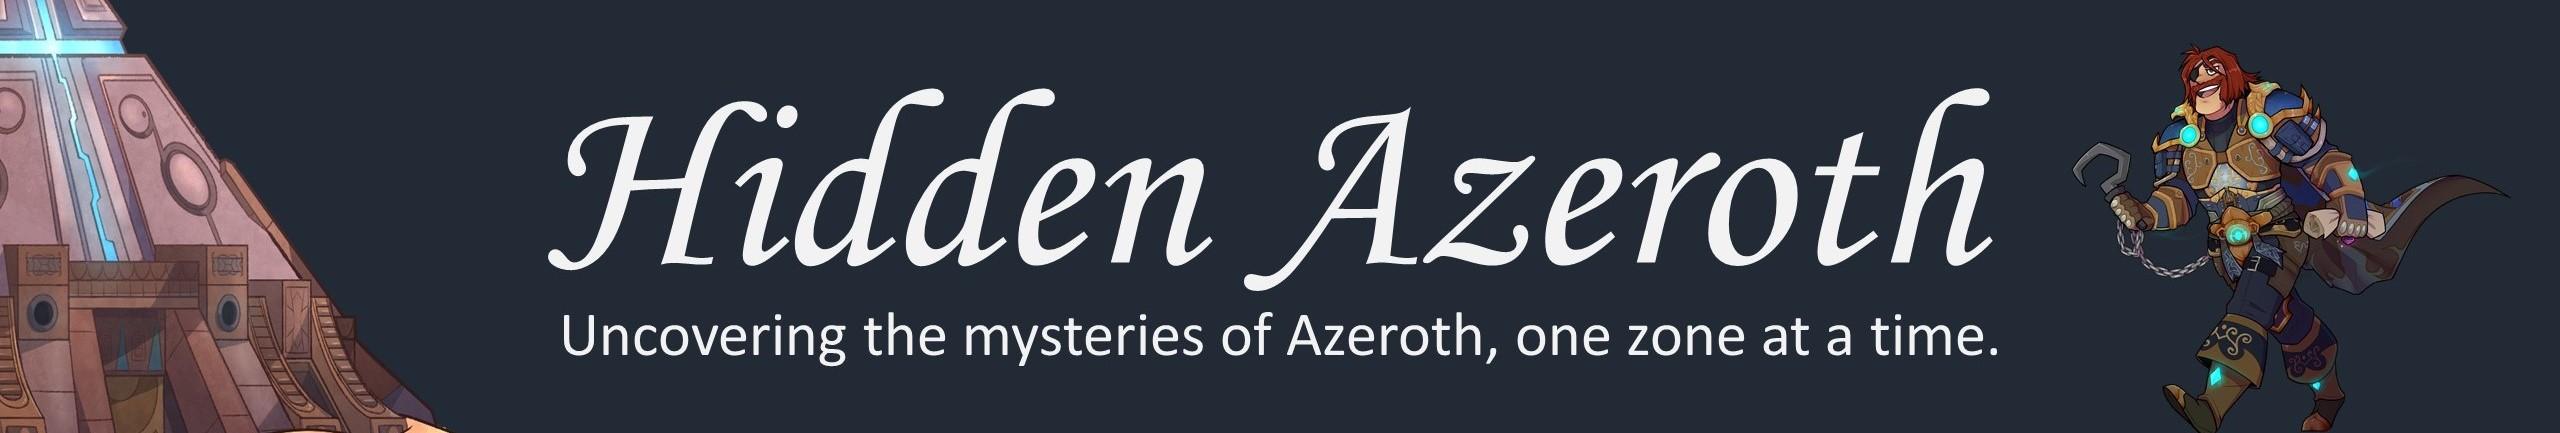 Hidden Azeroth